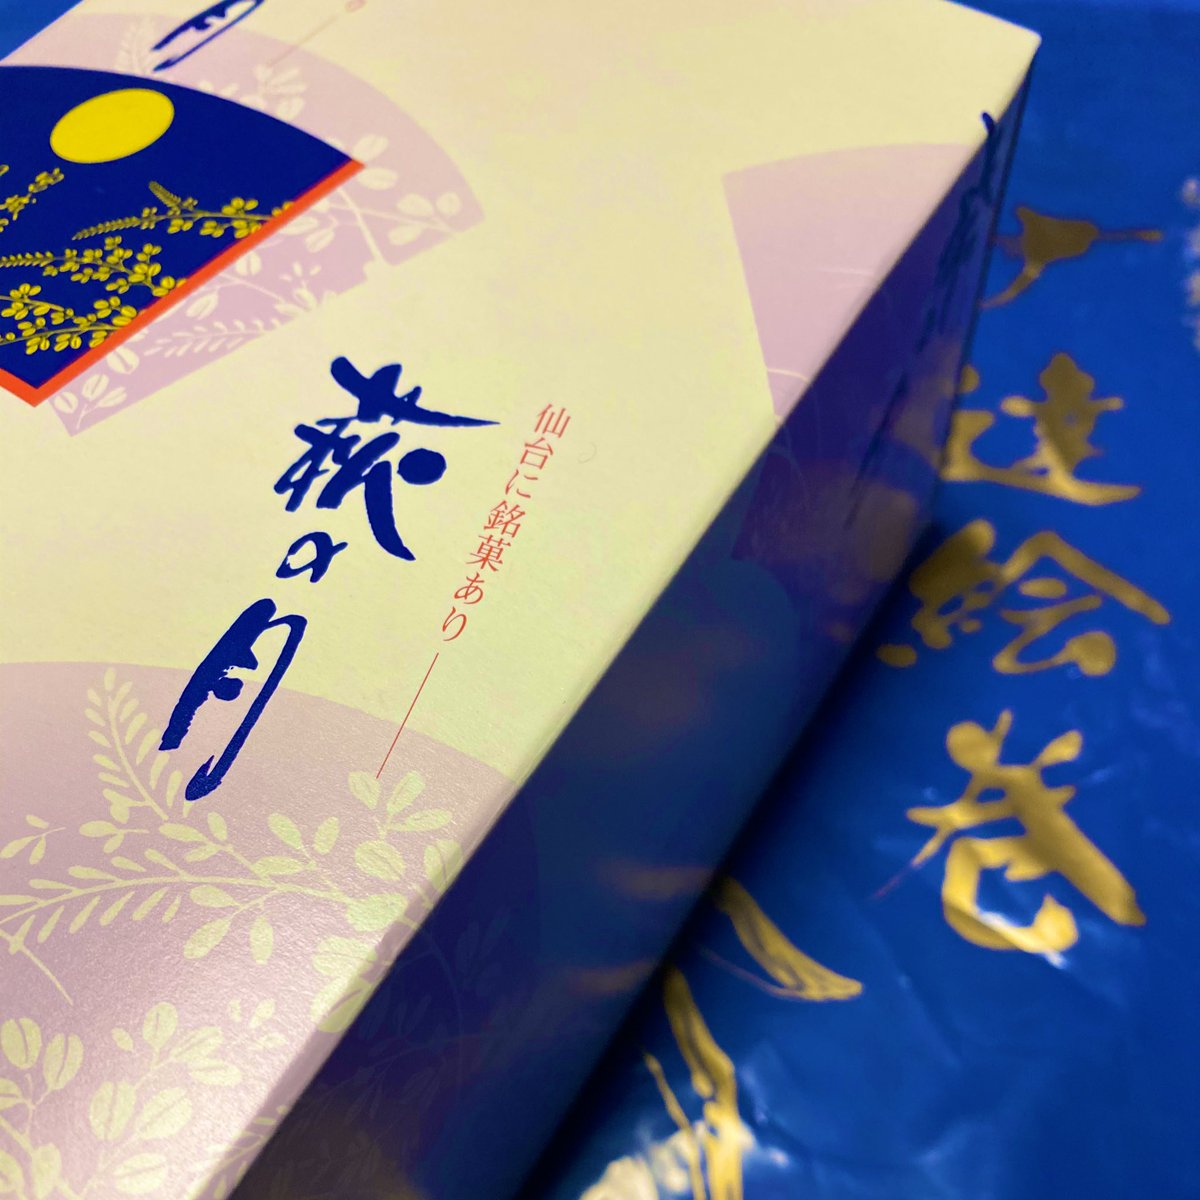 test ツイッターメディア - 仙台行きたいけど行けない…。が、催事で萩の月に出会ったので♡ゲットしてきた♡ https://t.co/HKdFWk7y56